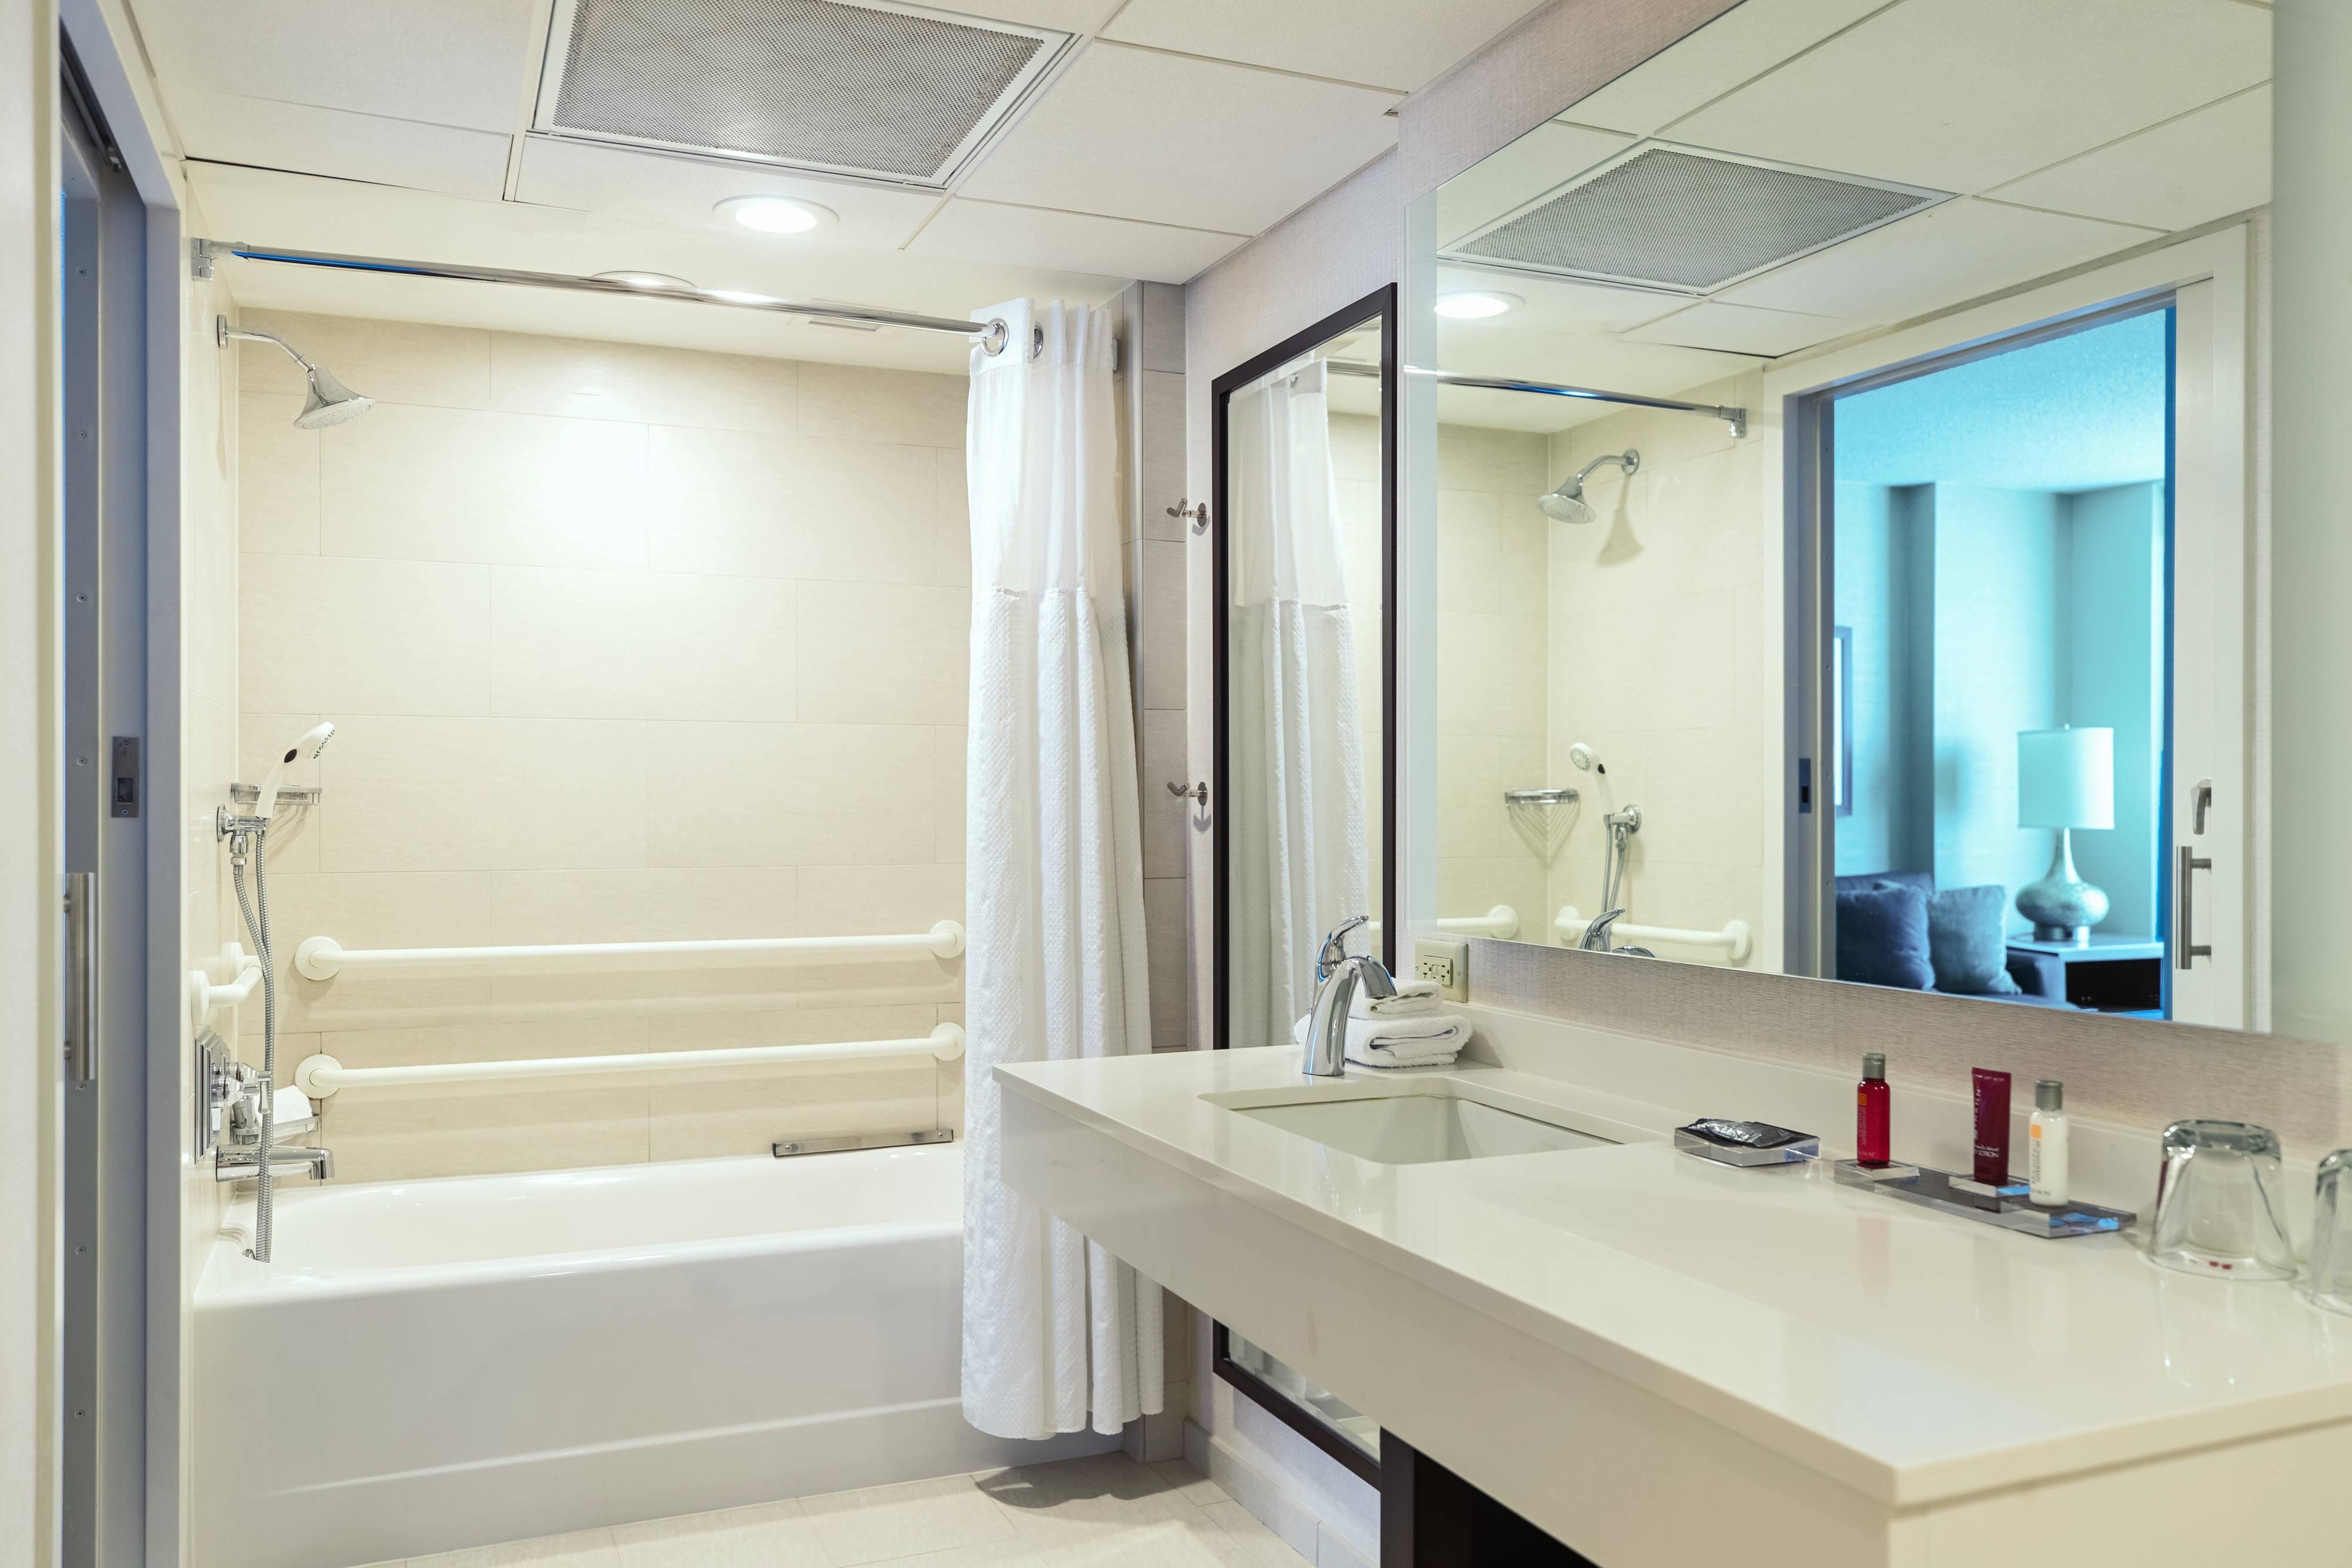 Baño con acceso para personas con discapacidades